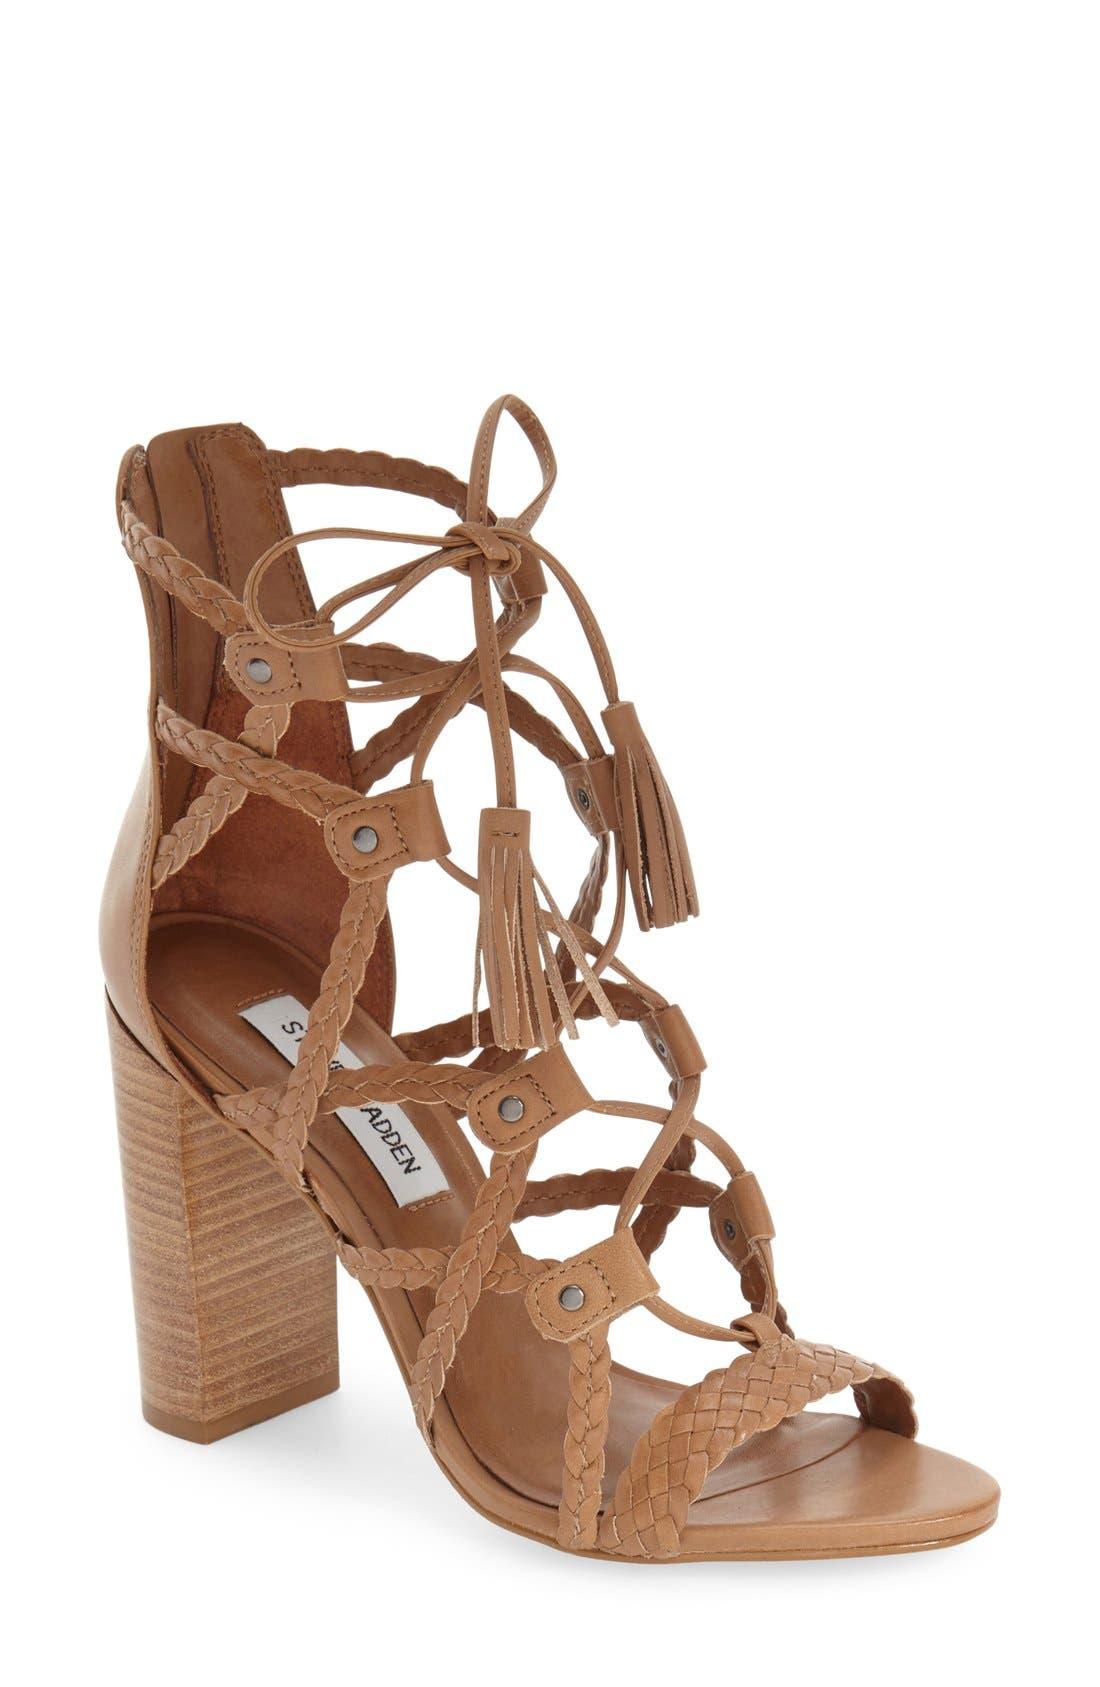 Main Image - Steve Madden 'Tarrra' Ghillie Block Heel Sandal (Women)